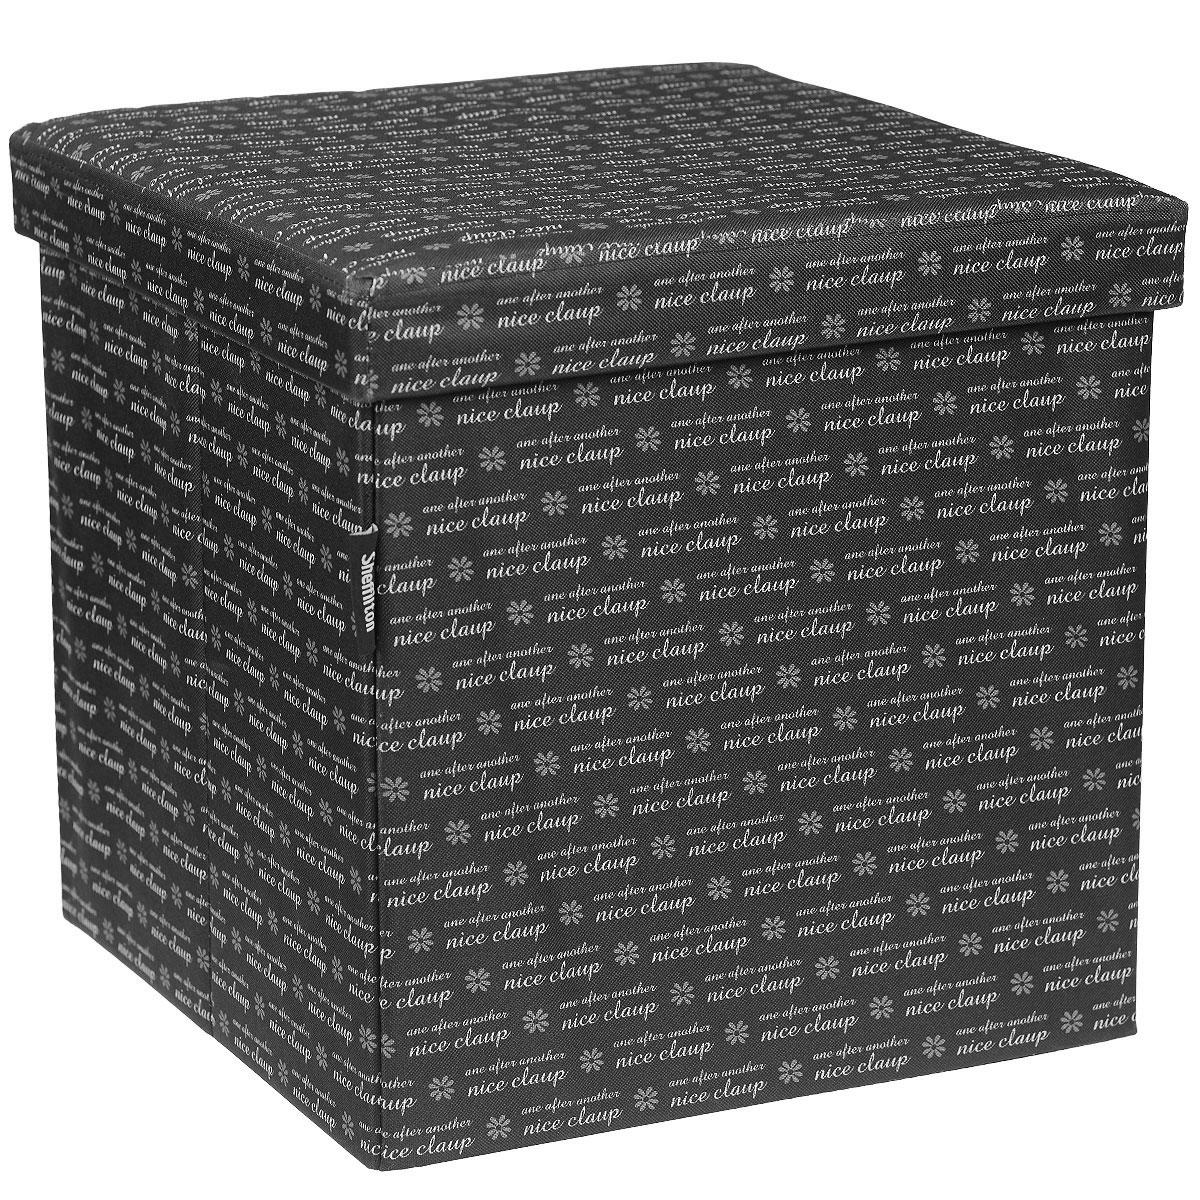 Банкетка складная Sheffilton, цвет: черный, 38 х 38 х 38 см SHT-FO6SHT-FO6Оригинальная складная банкетка Sheffilton идеально впишется в интерьер любой комнаты, прихожей и станет отличным дополнением на даче. Каркас банкетки изготовлен из МДФ и обит плотной тканью с рисунком. Может использоваться как мягкое посадочное место или столик. Верхняя часть открывается, позволяя использовать внутреннюю часть банкетки как дополнительное место для хранения необходимых вещей.